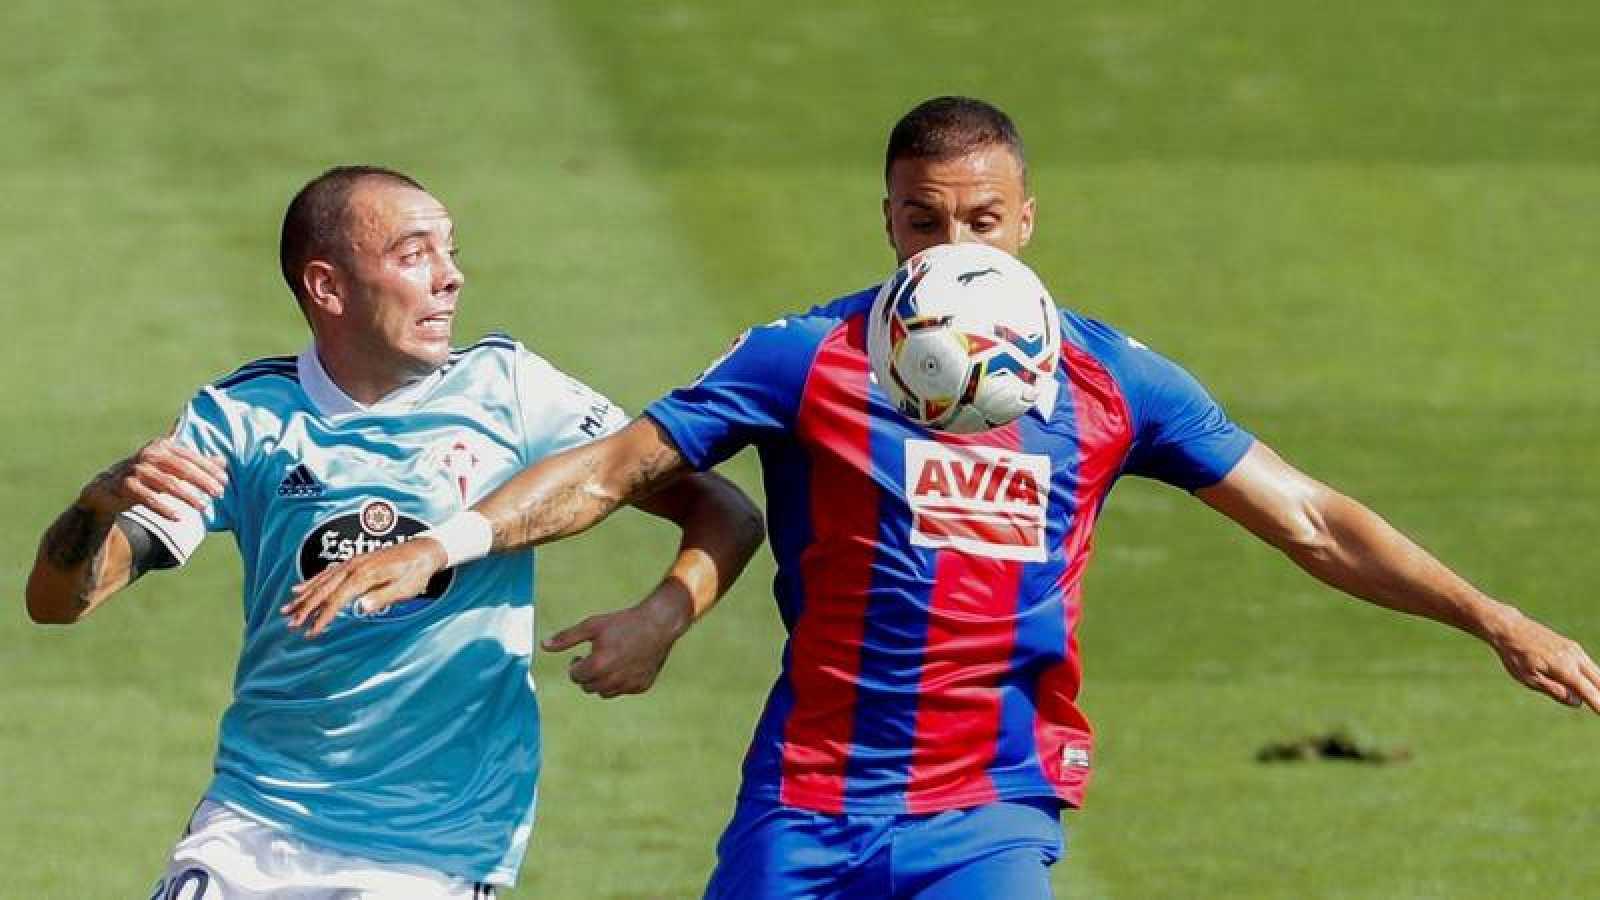 El centrocampista del Eibar, Pedro León y el delantero del Celta de Vigo Iago Aspas disputan un balón.